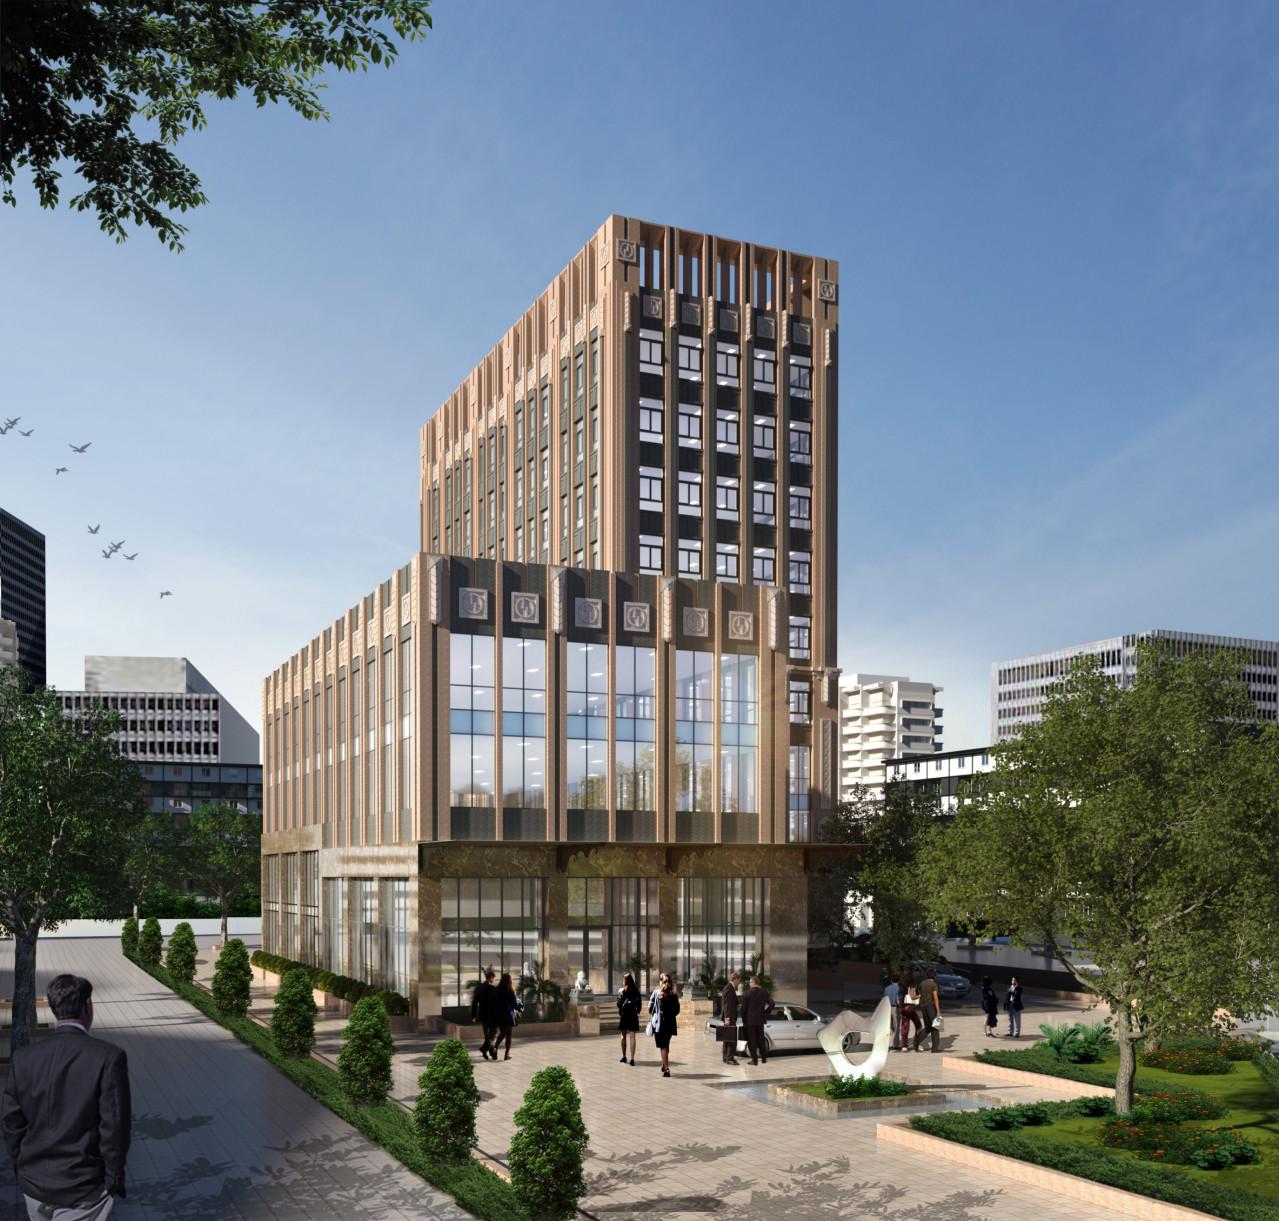 Văn phòng cho thuê tại Thủ Đức TPHCM